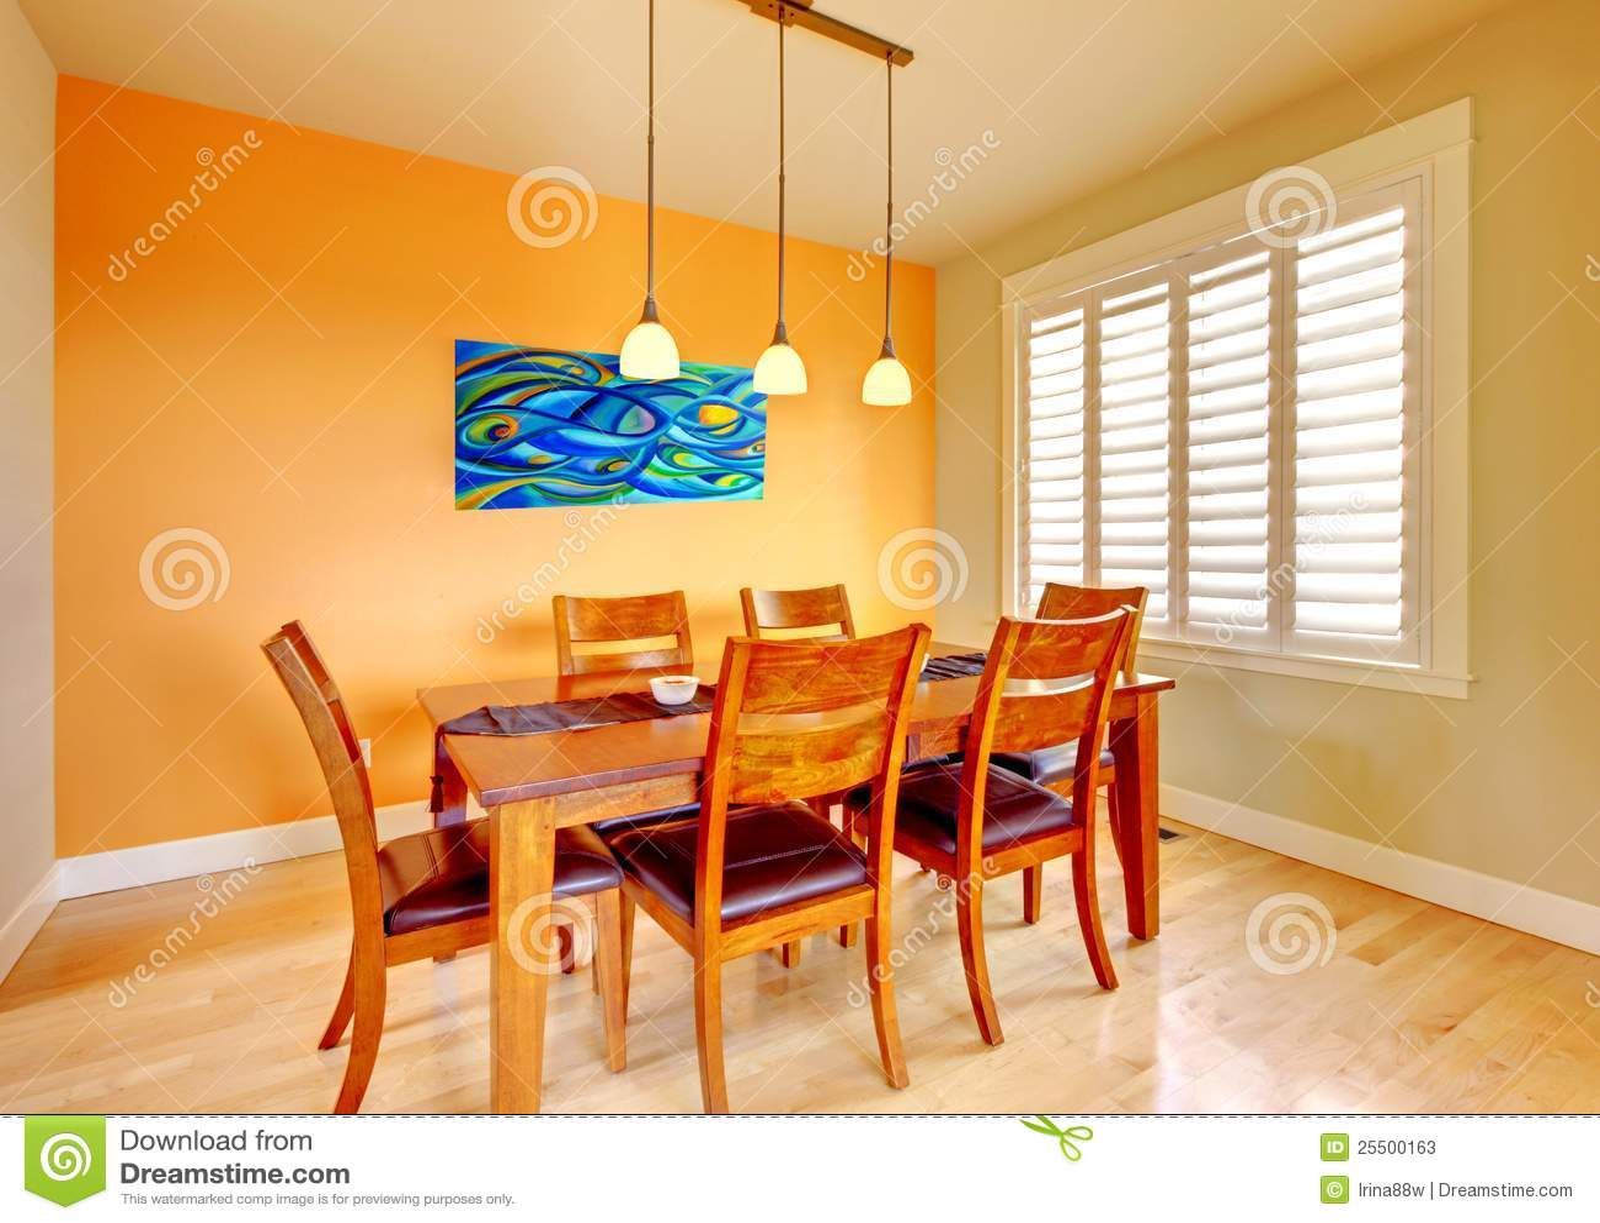 Eetkamer Van Oranje : Painted Wood Dining Room Table